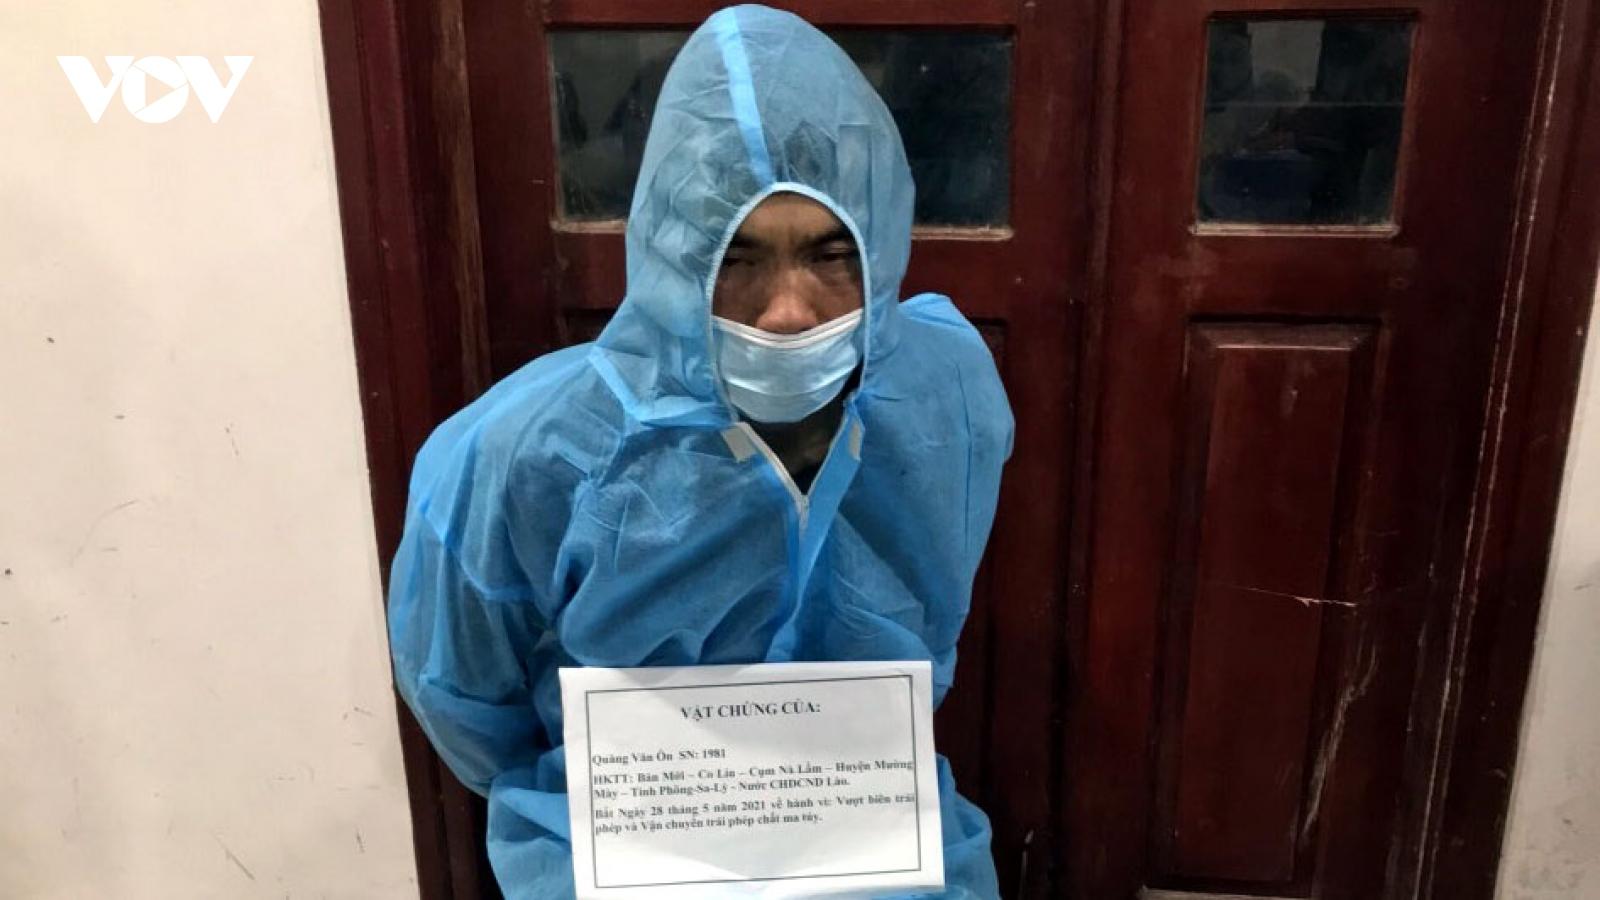 Bắt giữ đối tượng Quốc tịch Làotàng trữ chất ma túy và nhập cảnh trái phép